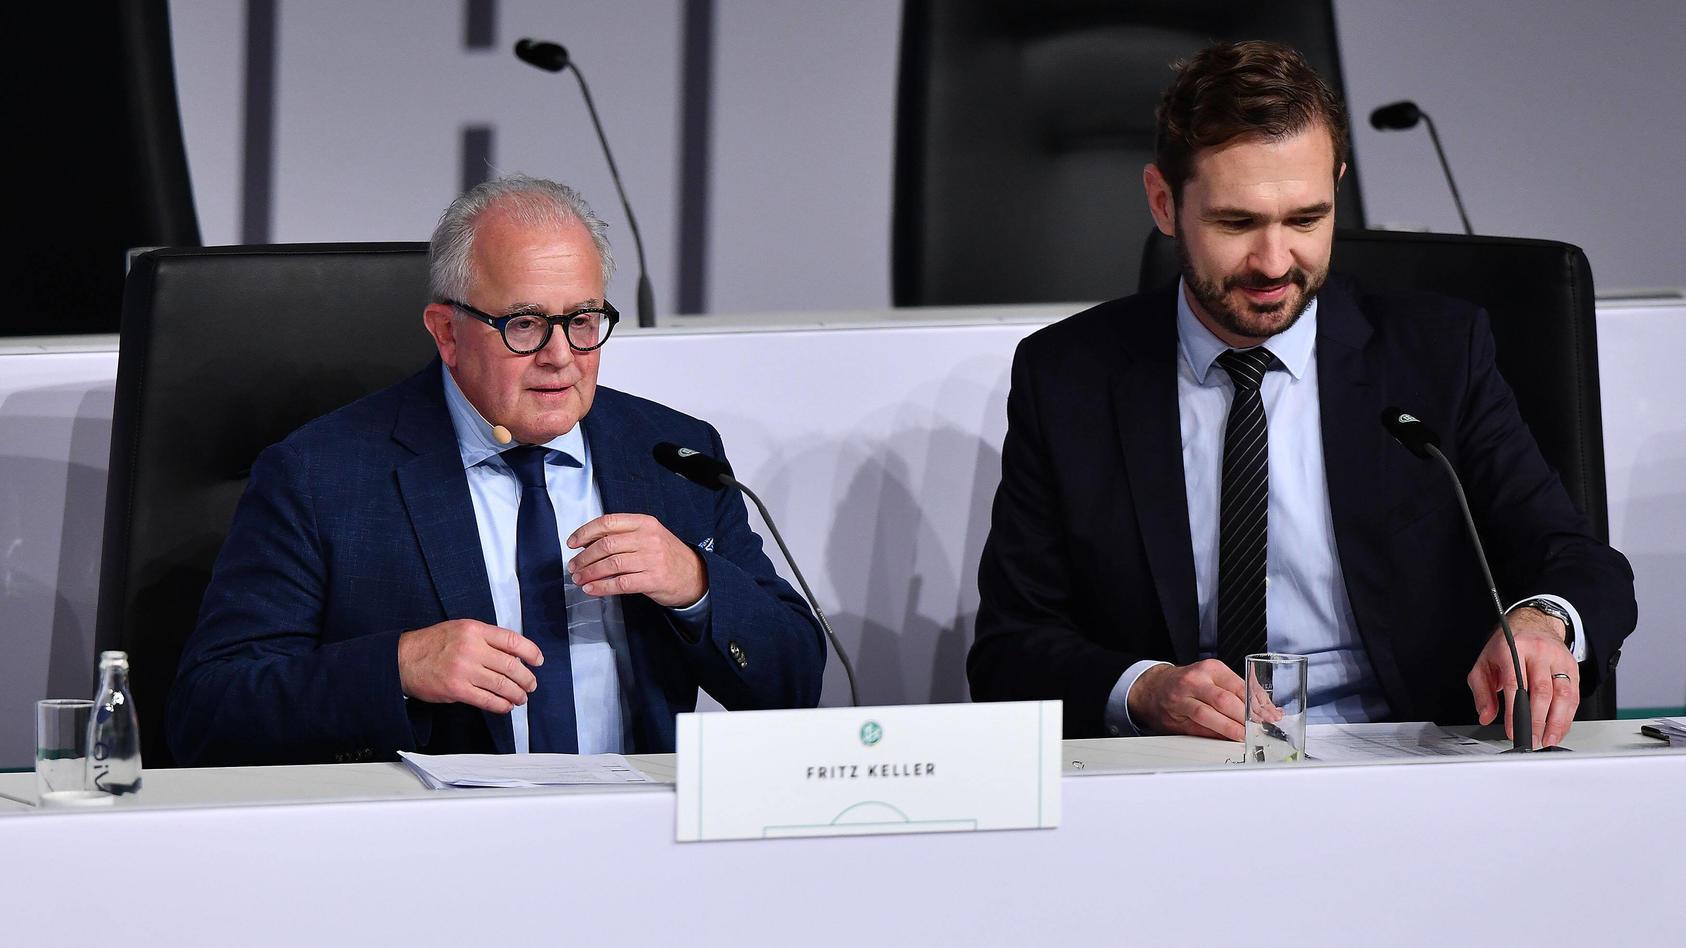 Die Oberen des DFB: Präsident Fritz Keller (links) und Generalsekretär Friedrich Curtius.